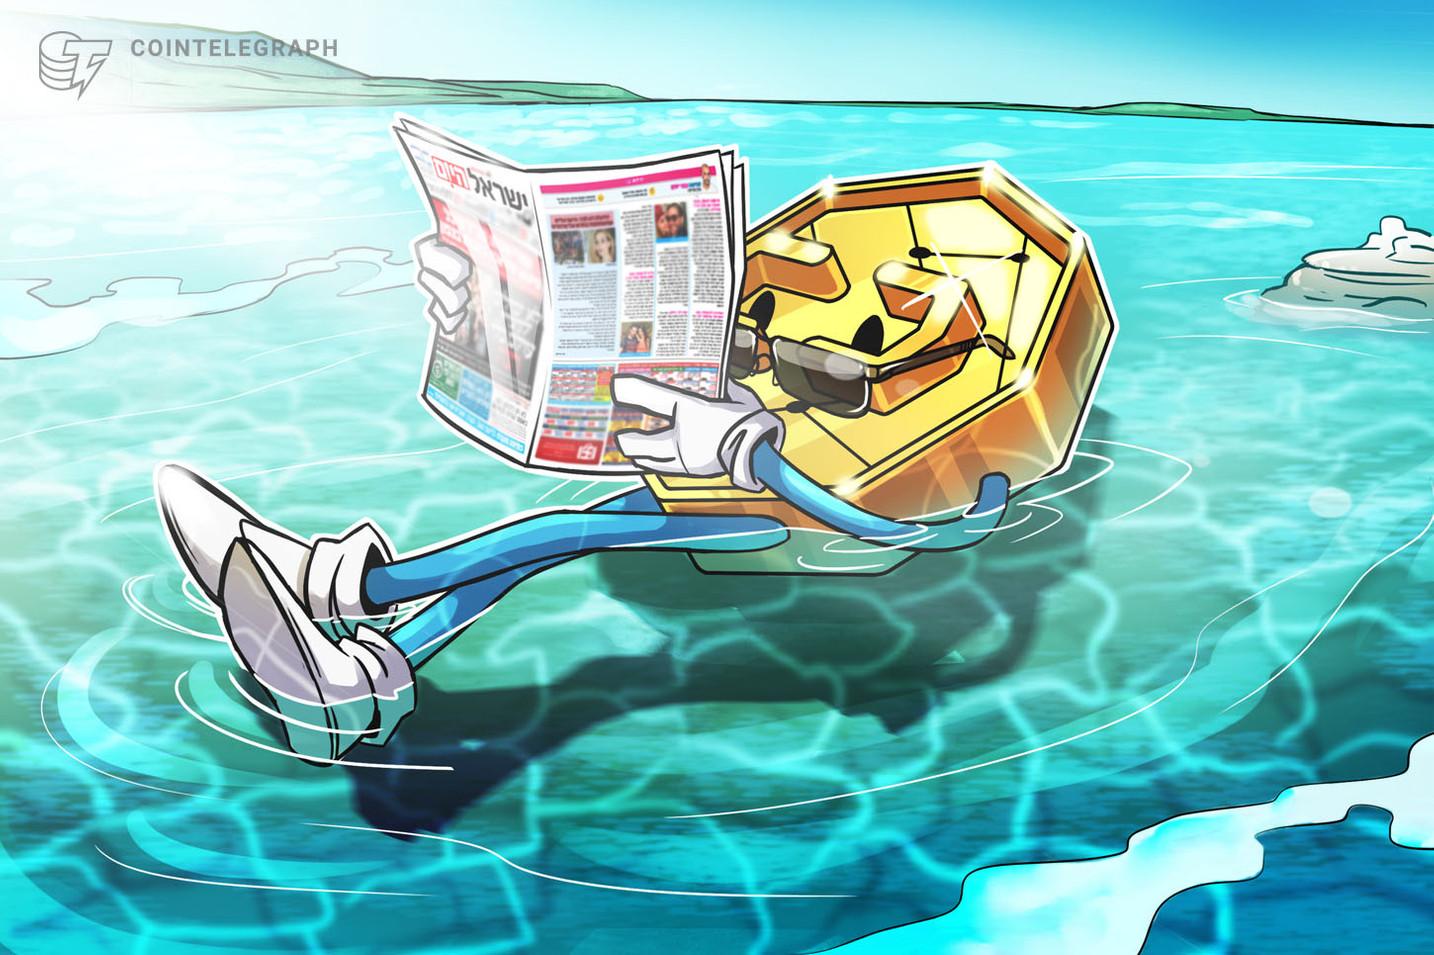 Israeli gov't seeks to track crypto holdings above $61K